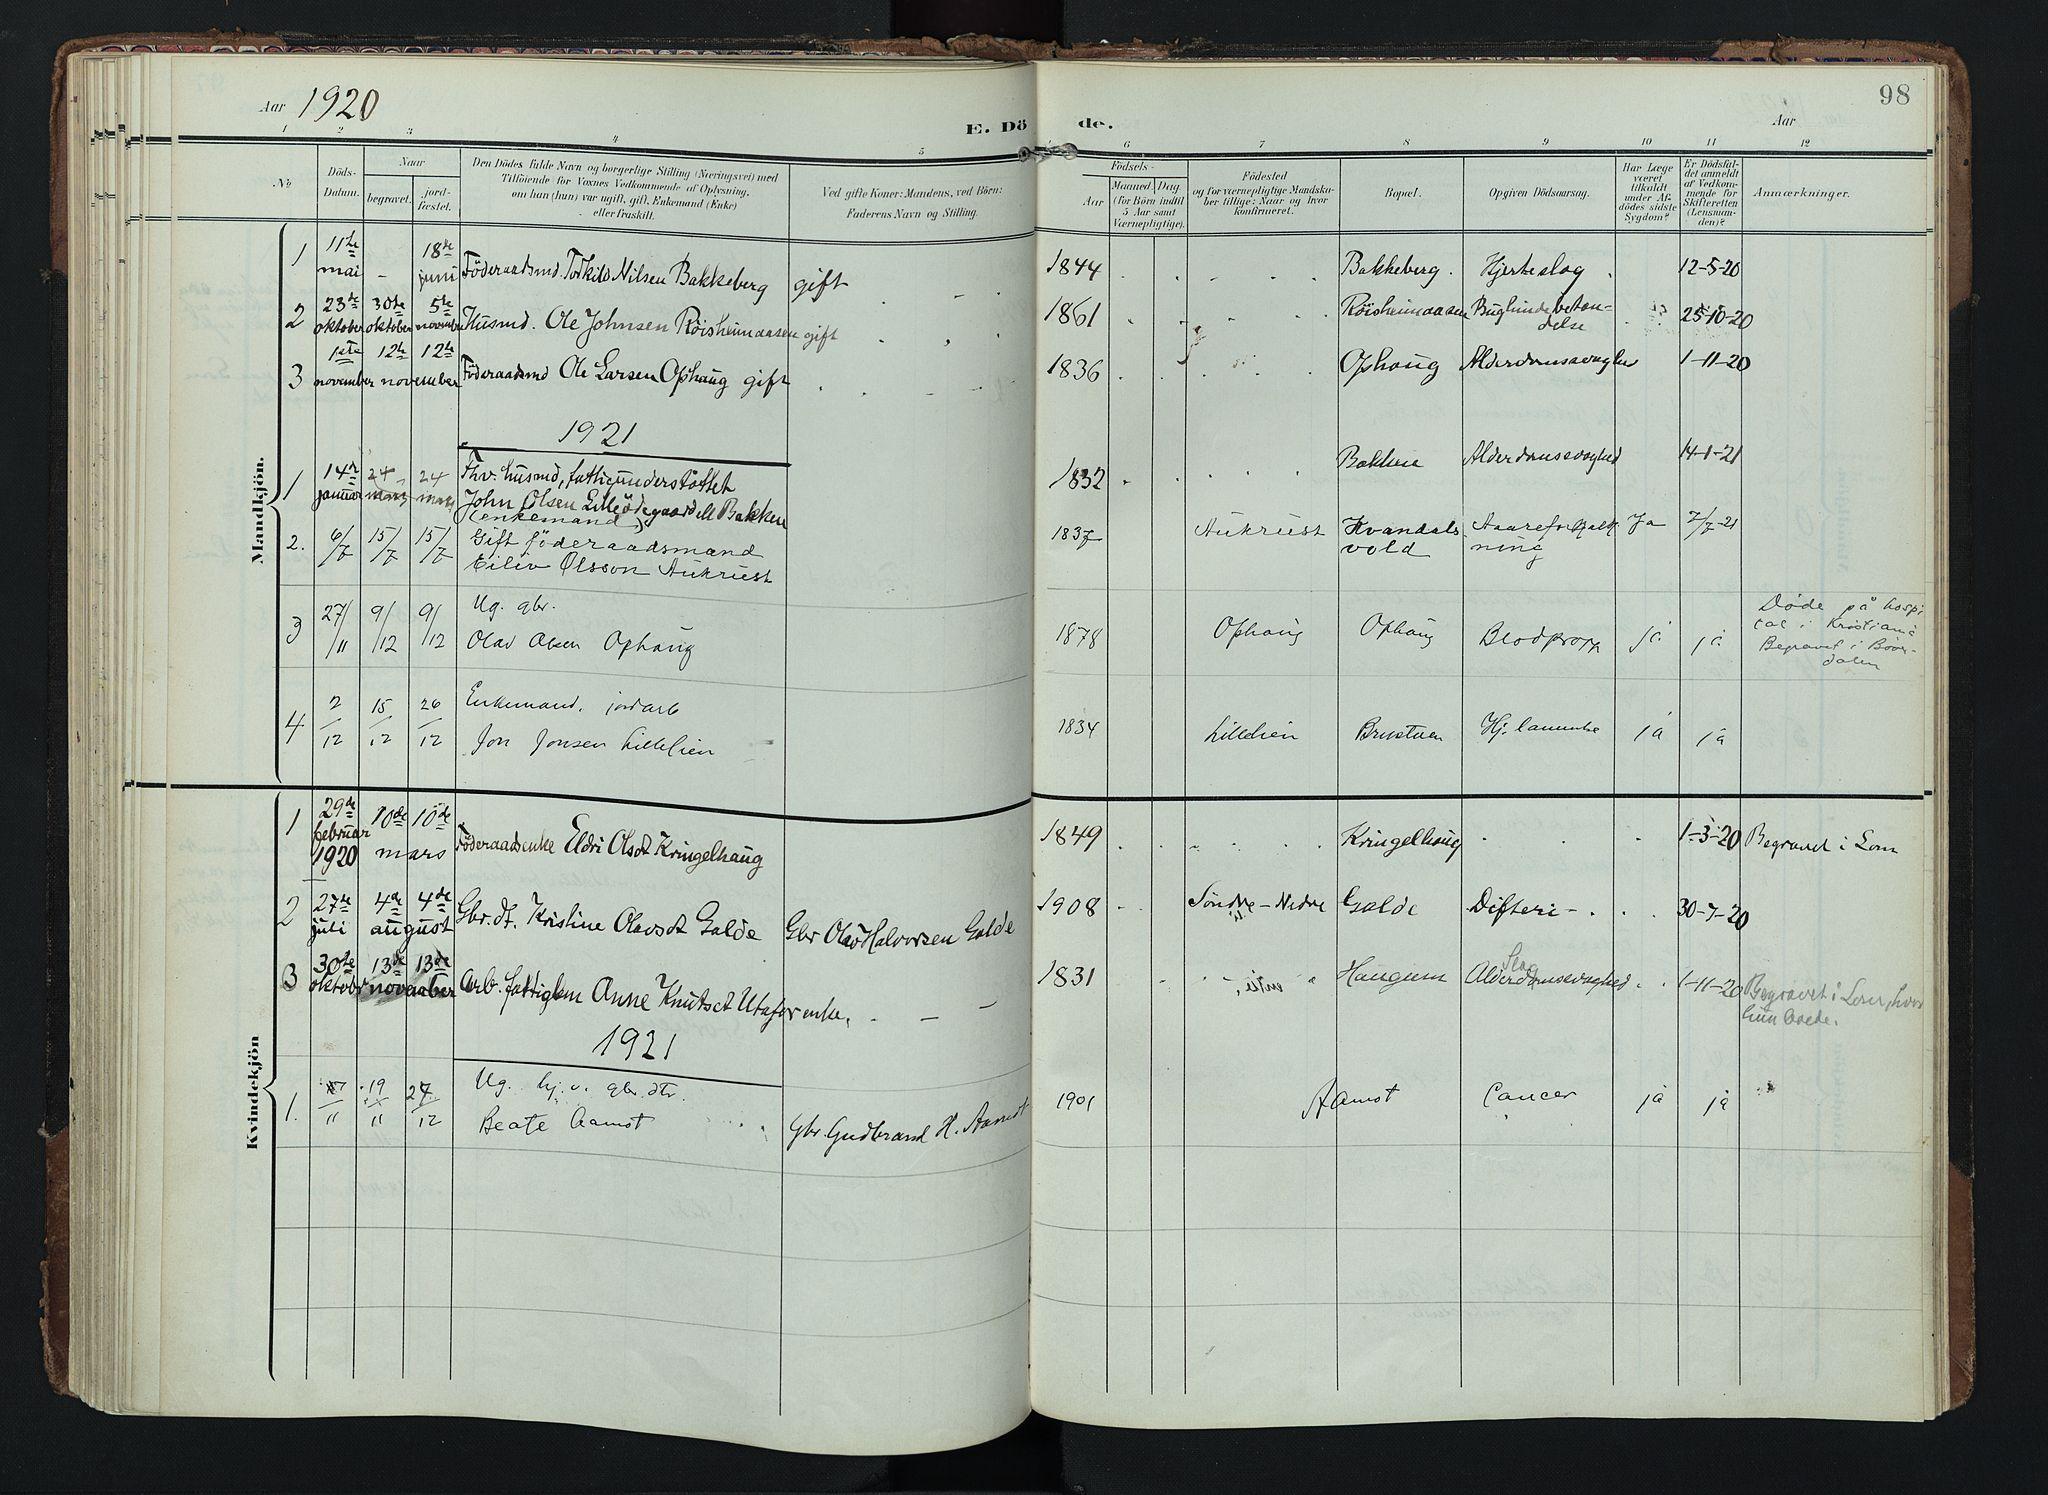 SAH, Lom prestekontor, K/L0012: Ministerialbok nr. 12, 1904-1928, s. 98